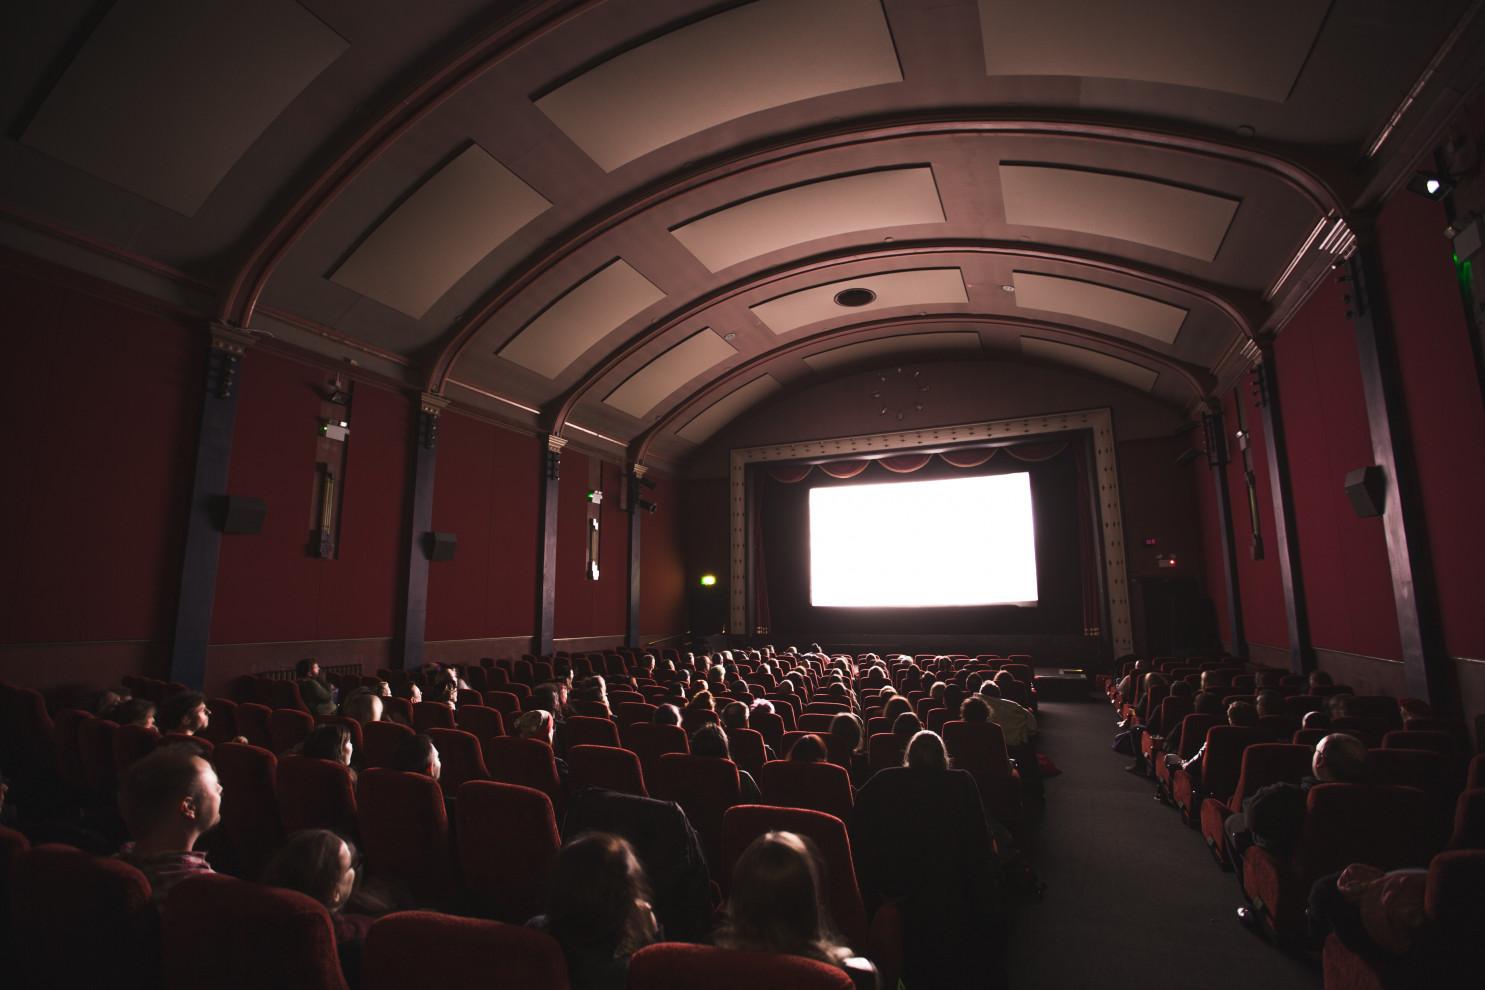 Cinema teatro in un giorno di premiere